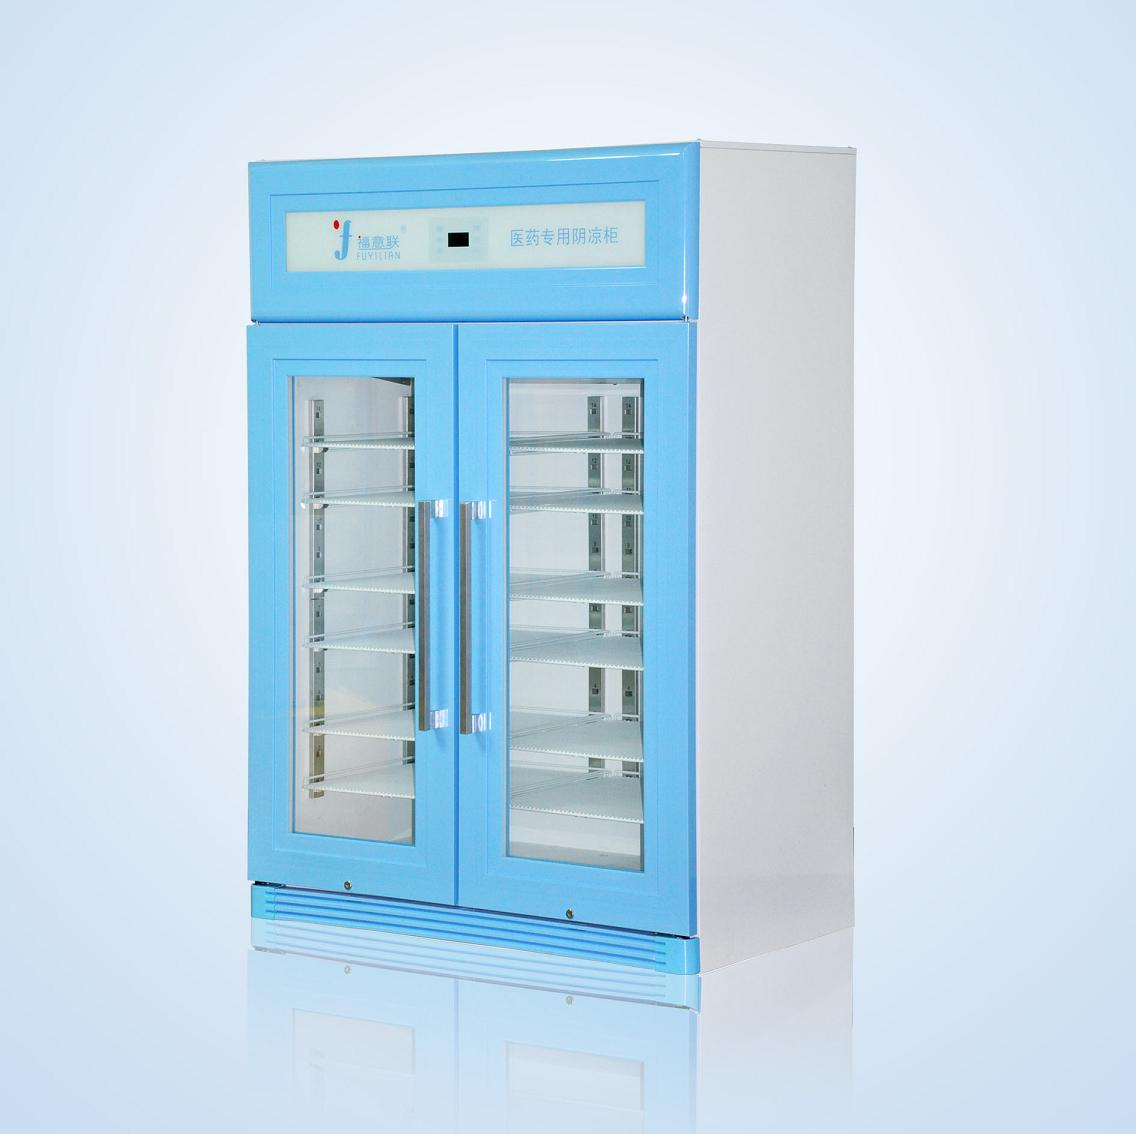 醫用保溫柜 規格:150L 控溫范圍:2~48℃